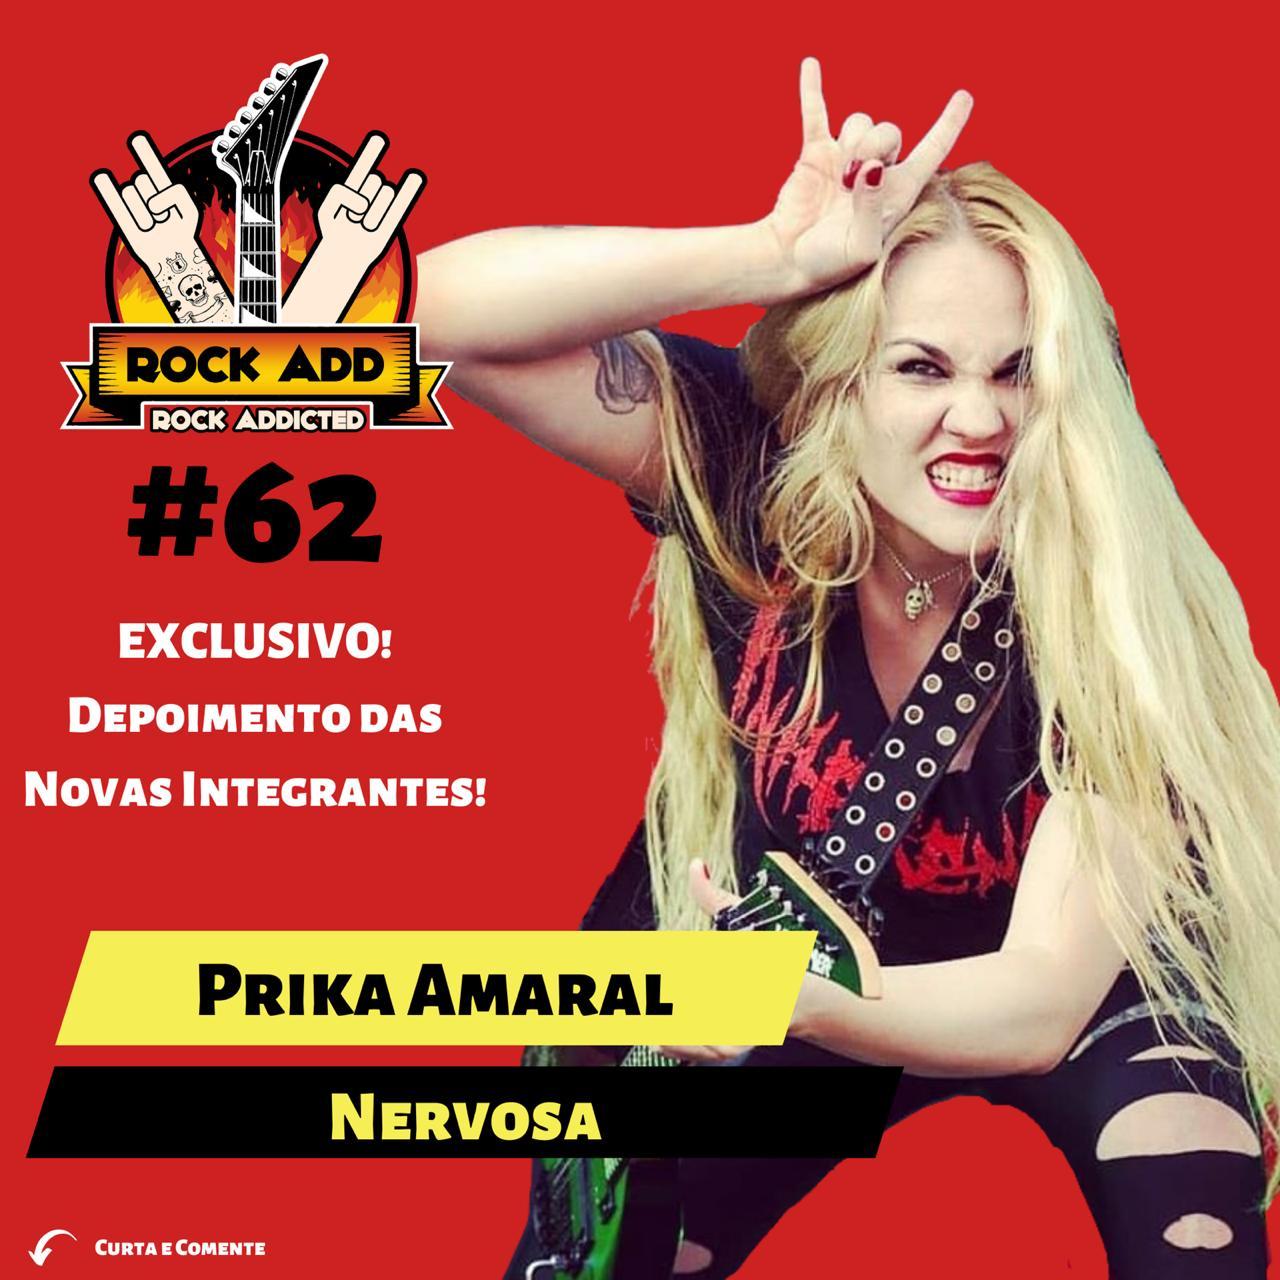 Prika Amaral conta tudo sobre os novos passos da Nervosa no novo episódio do Rock Add